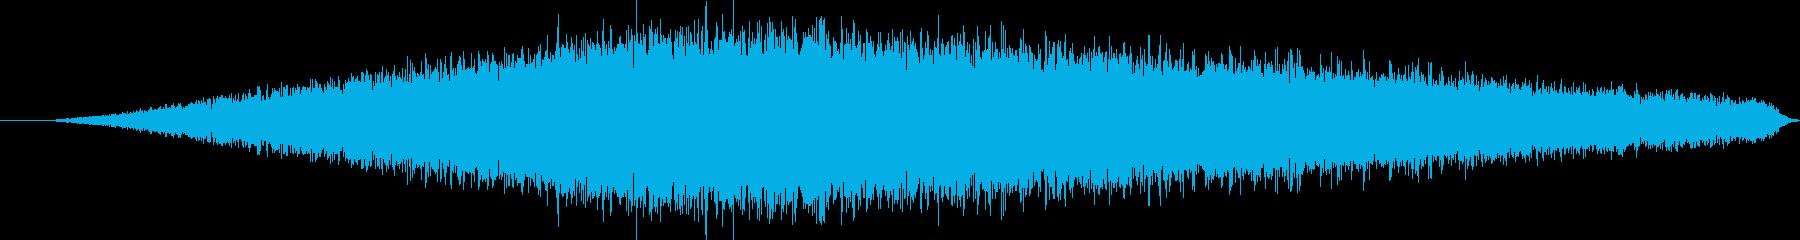 バシャー(濡れた道を車が走る音)の再生済みの波形